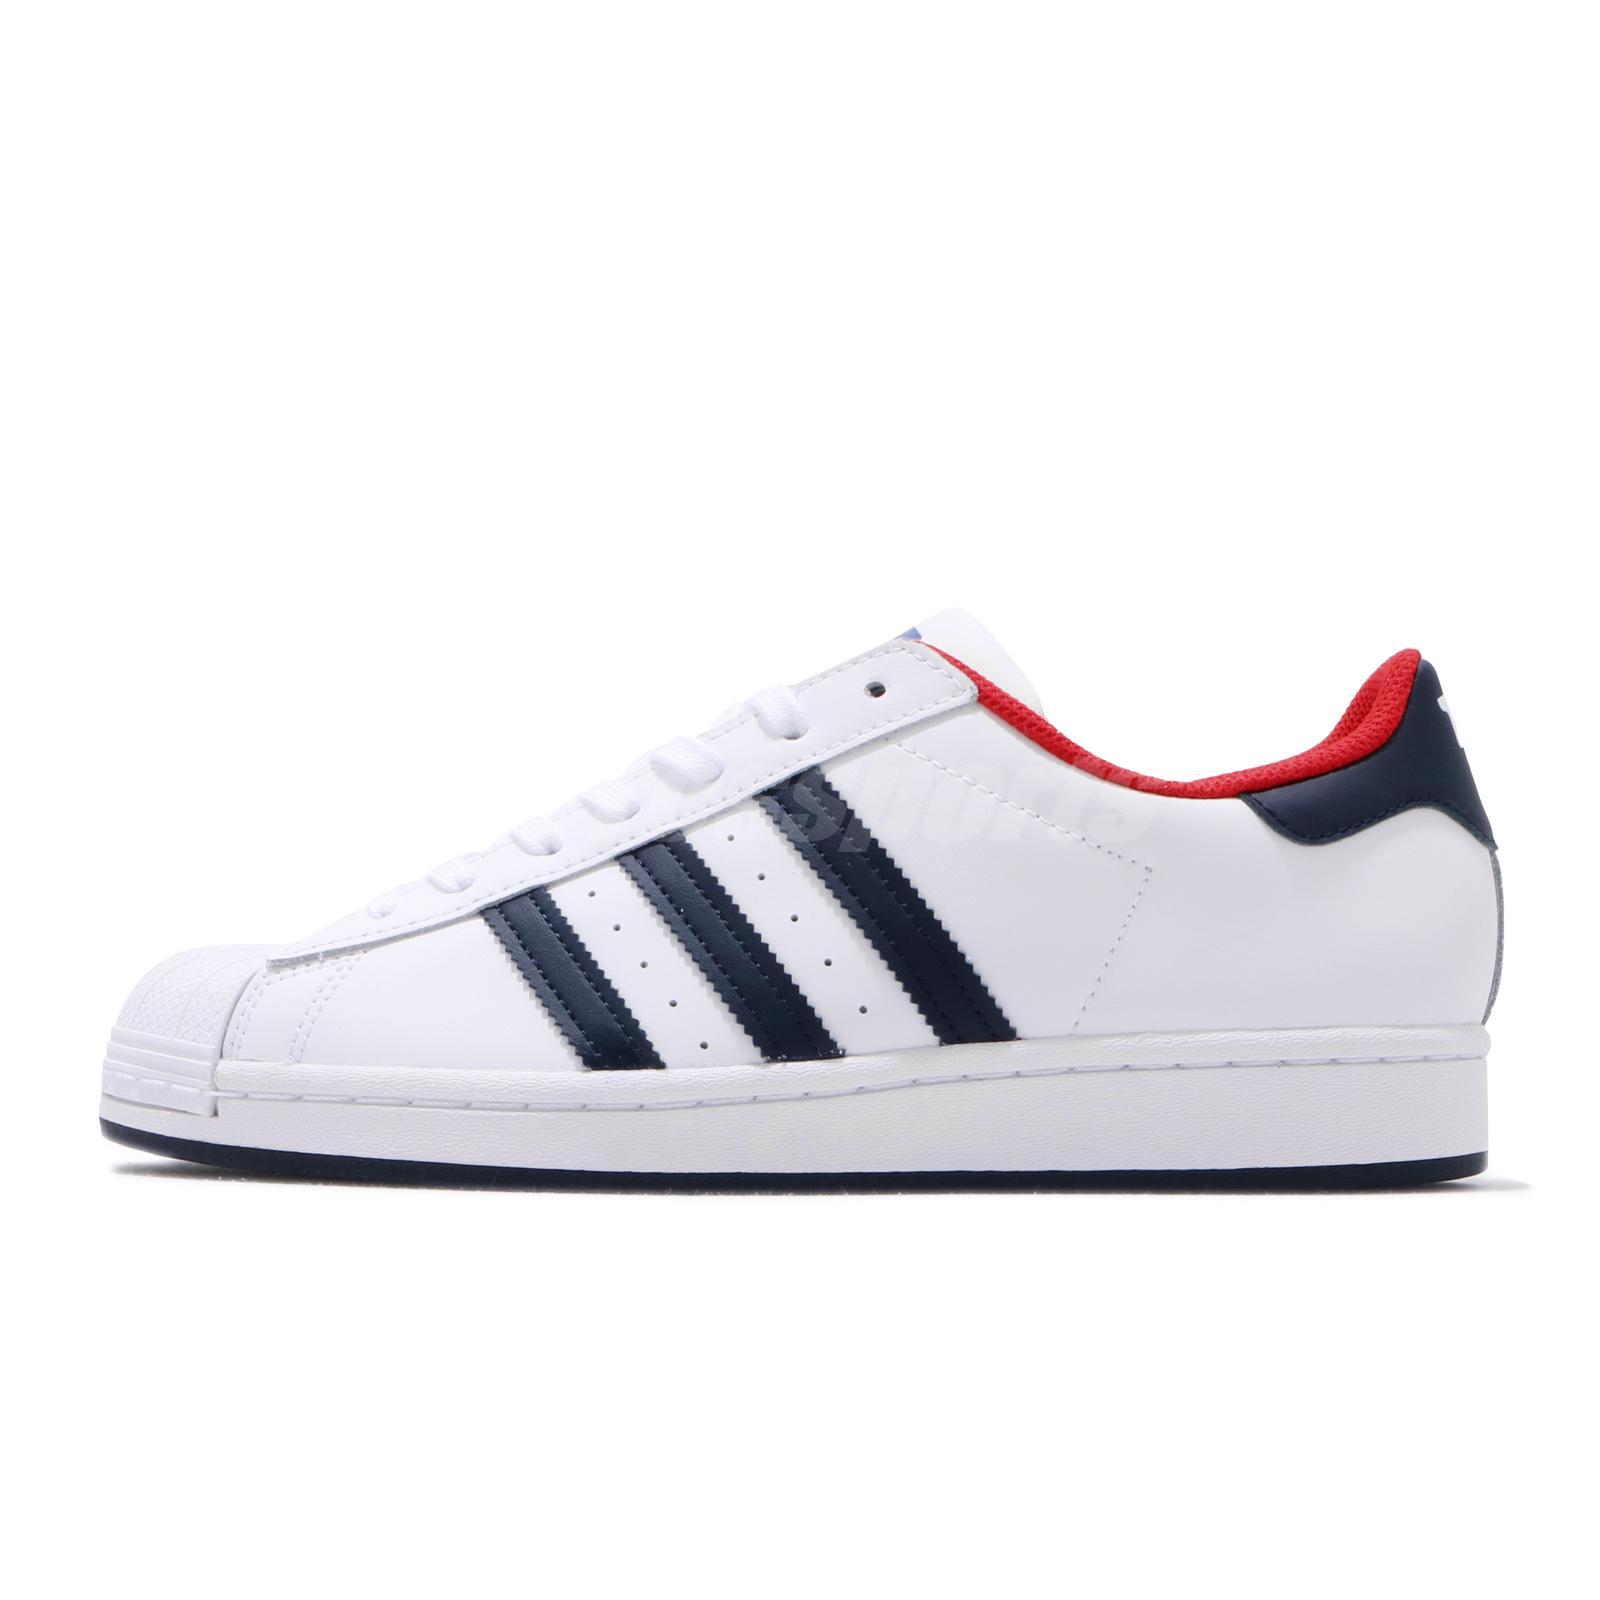 adidas Originals Superstar White Navy